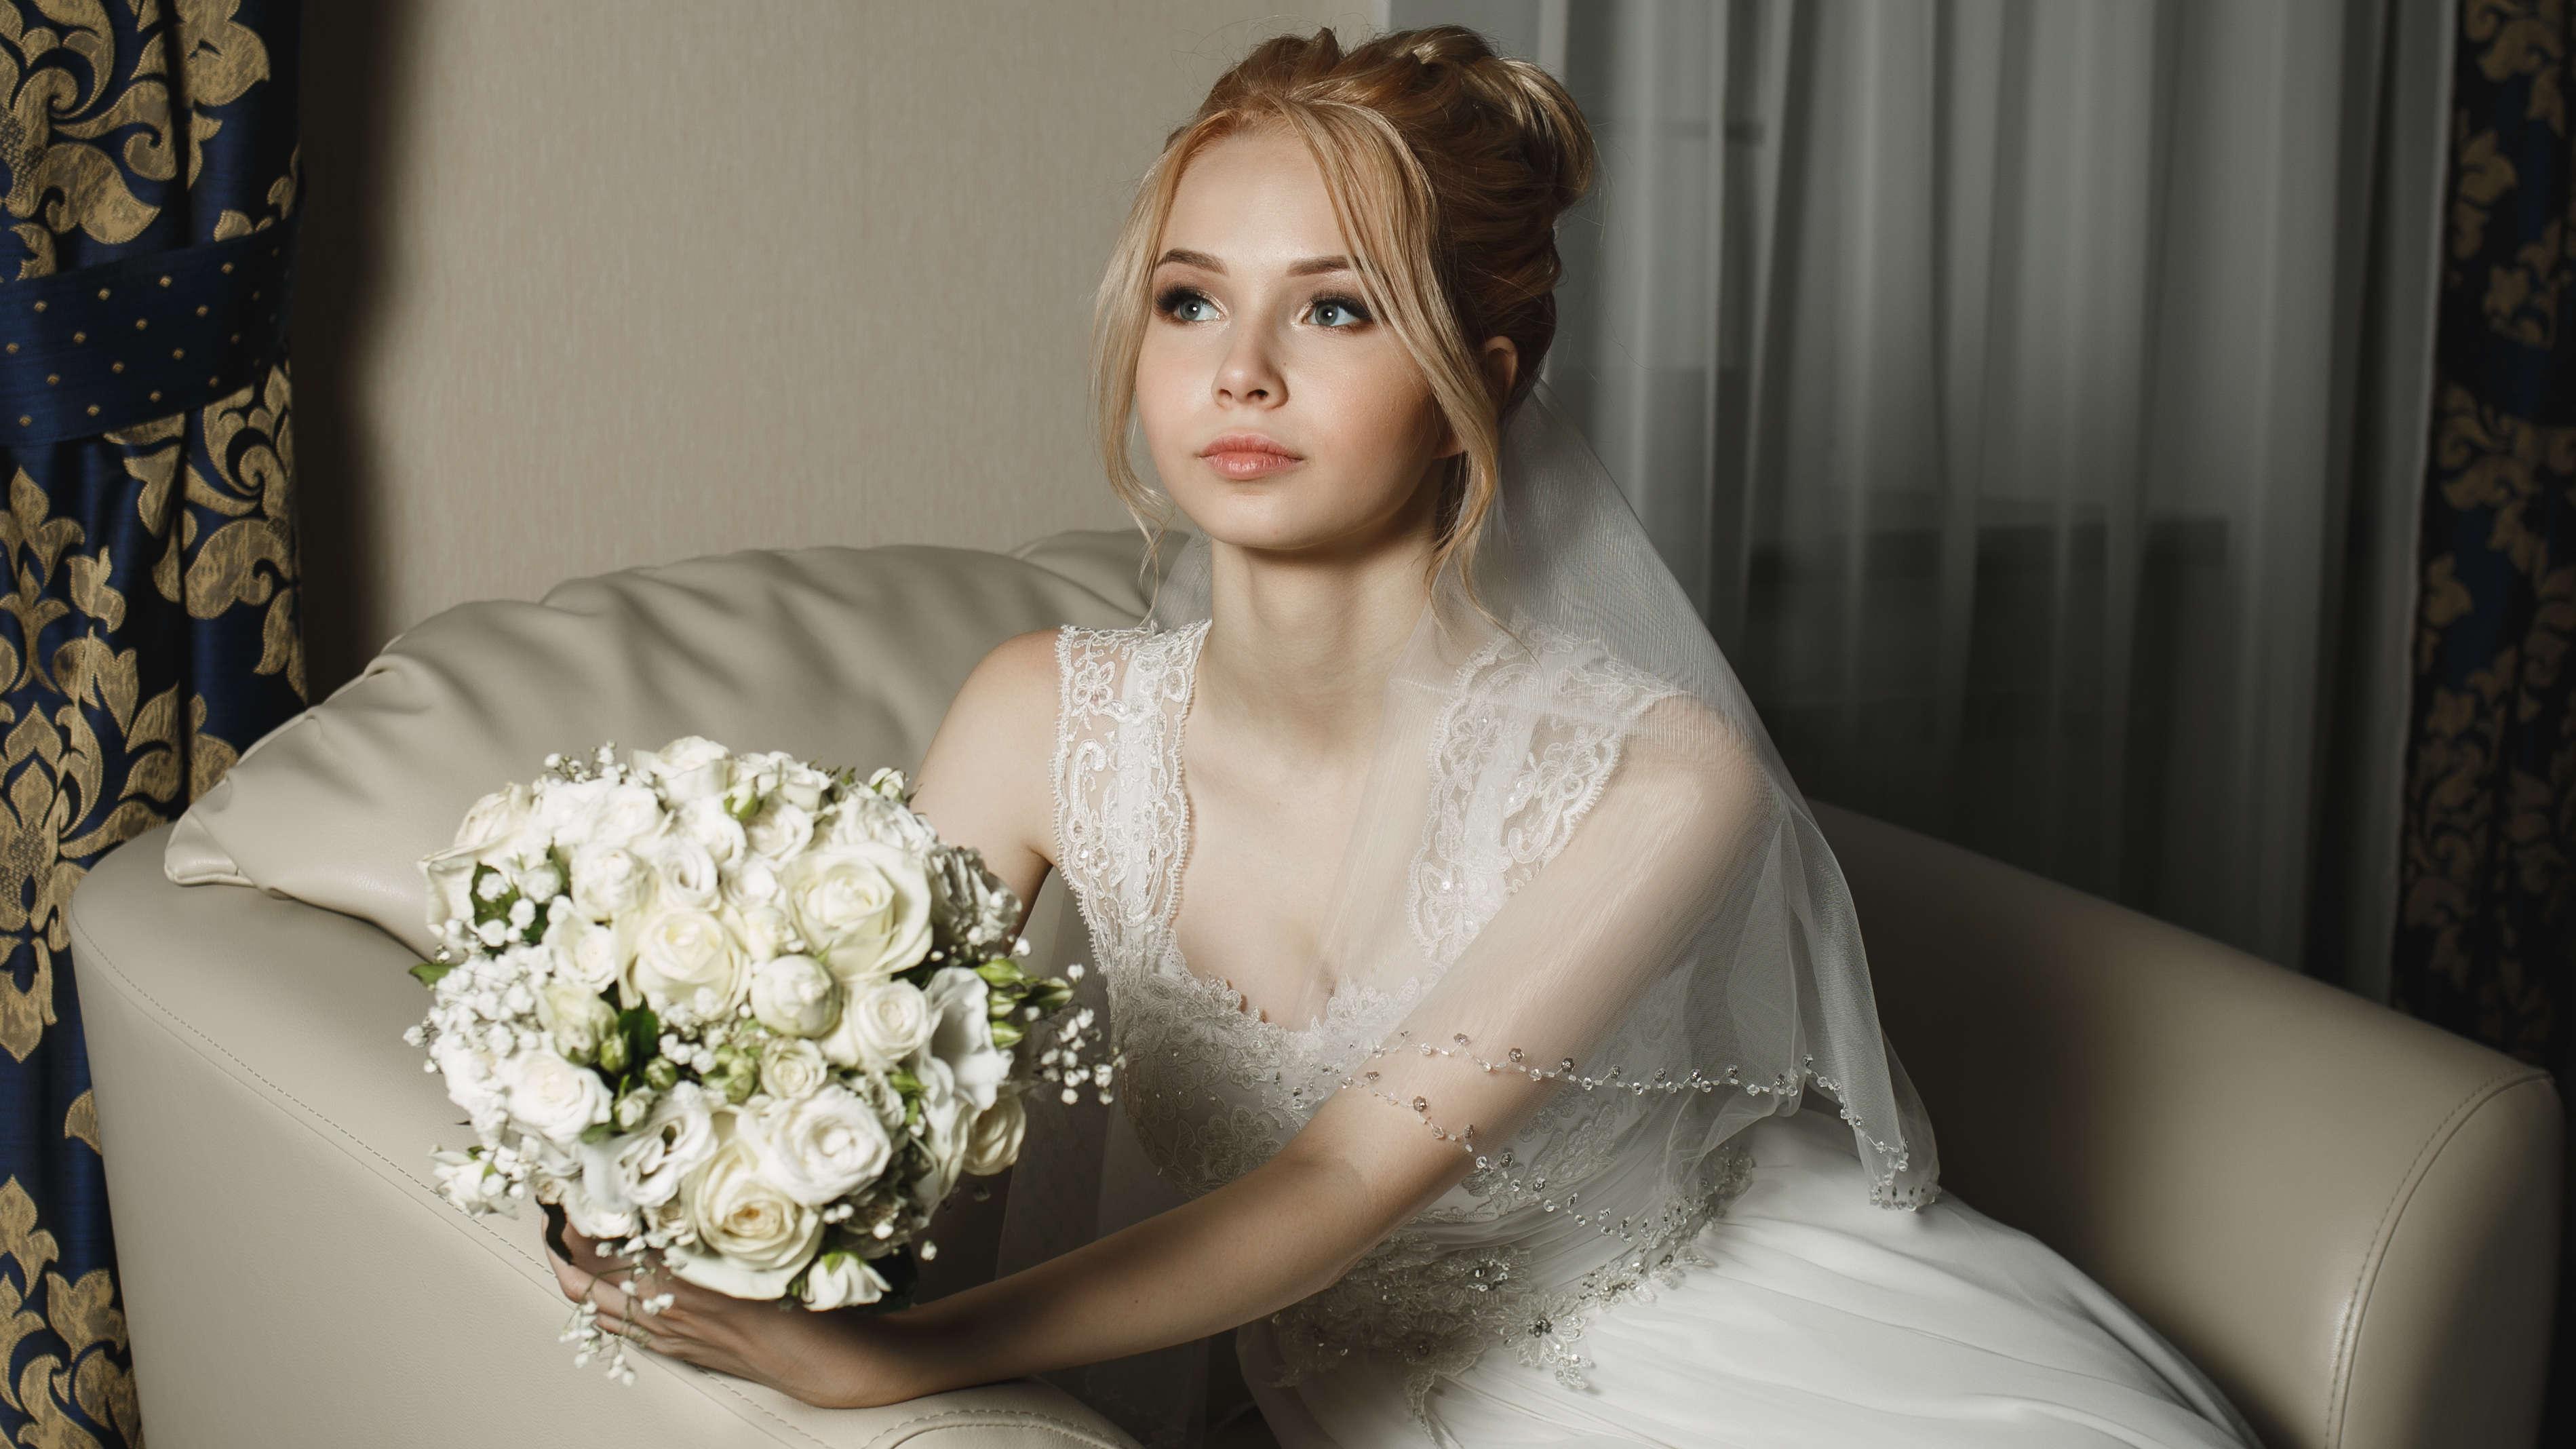 Фото невесты с букетом в отеле загородного клуба Малиновая Слобода